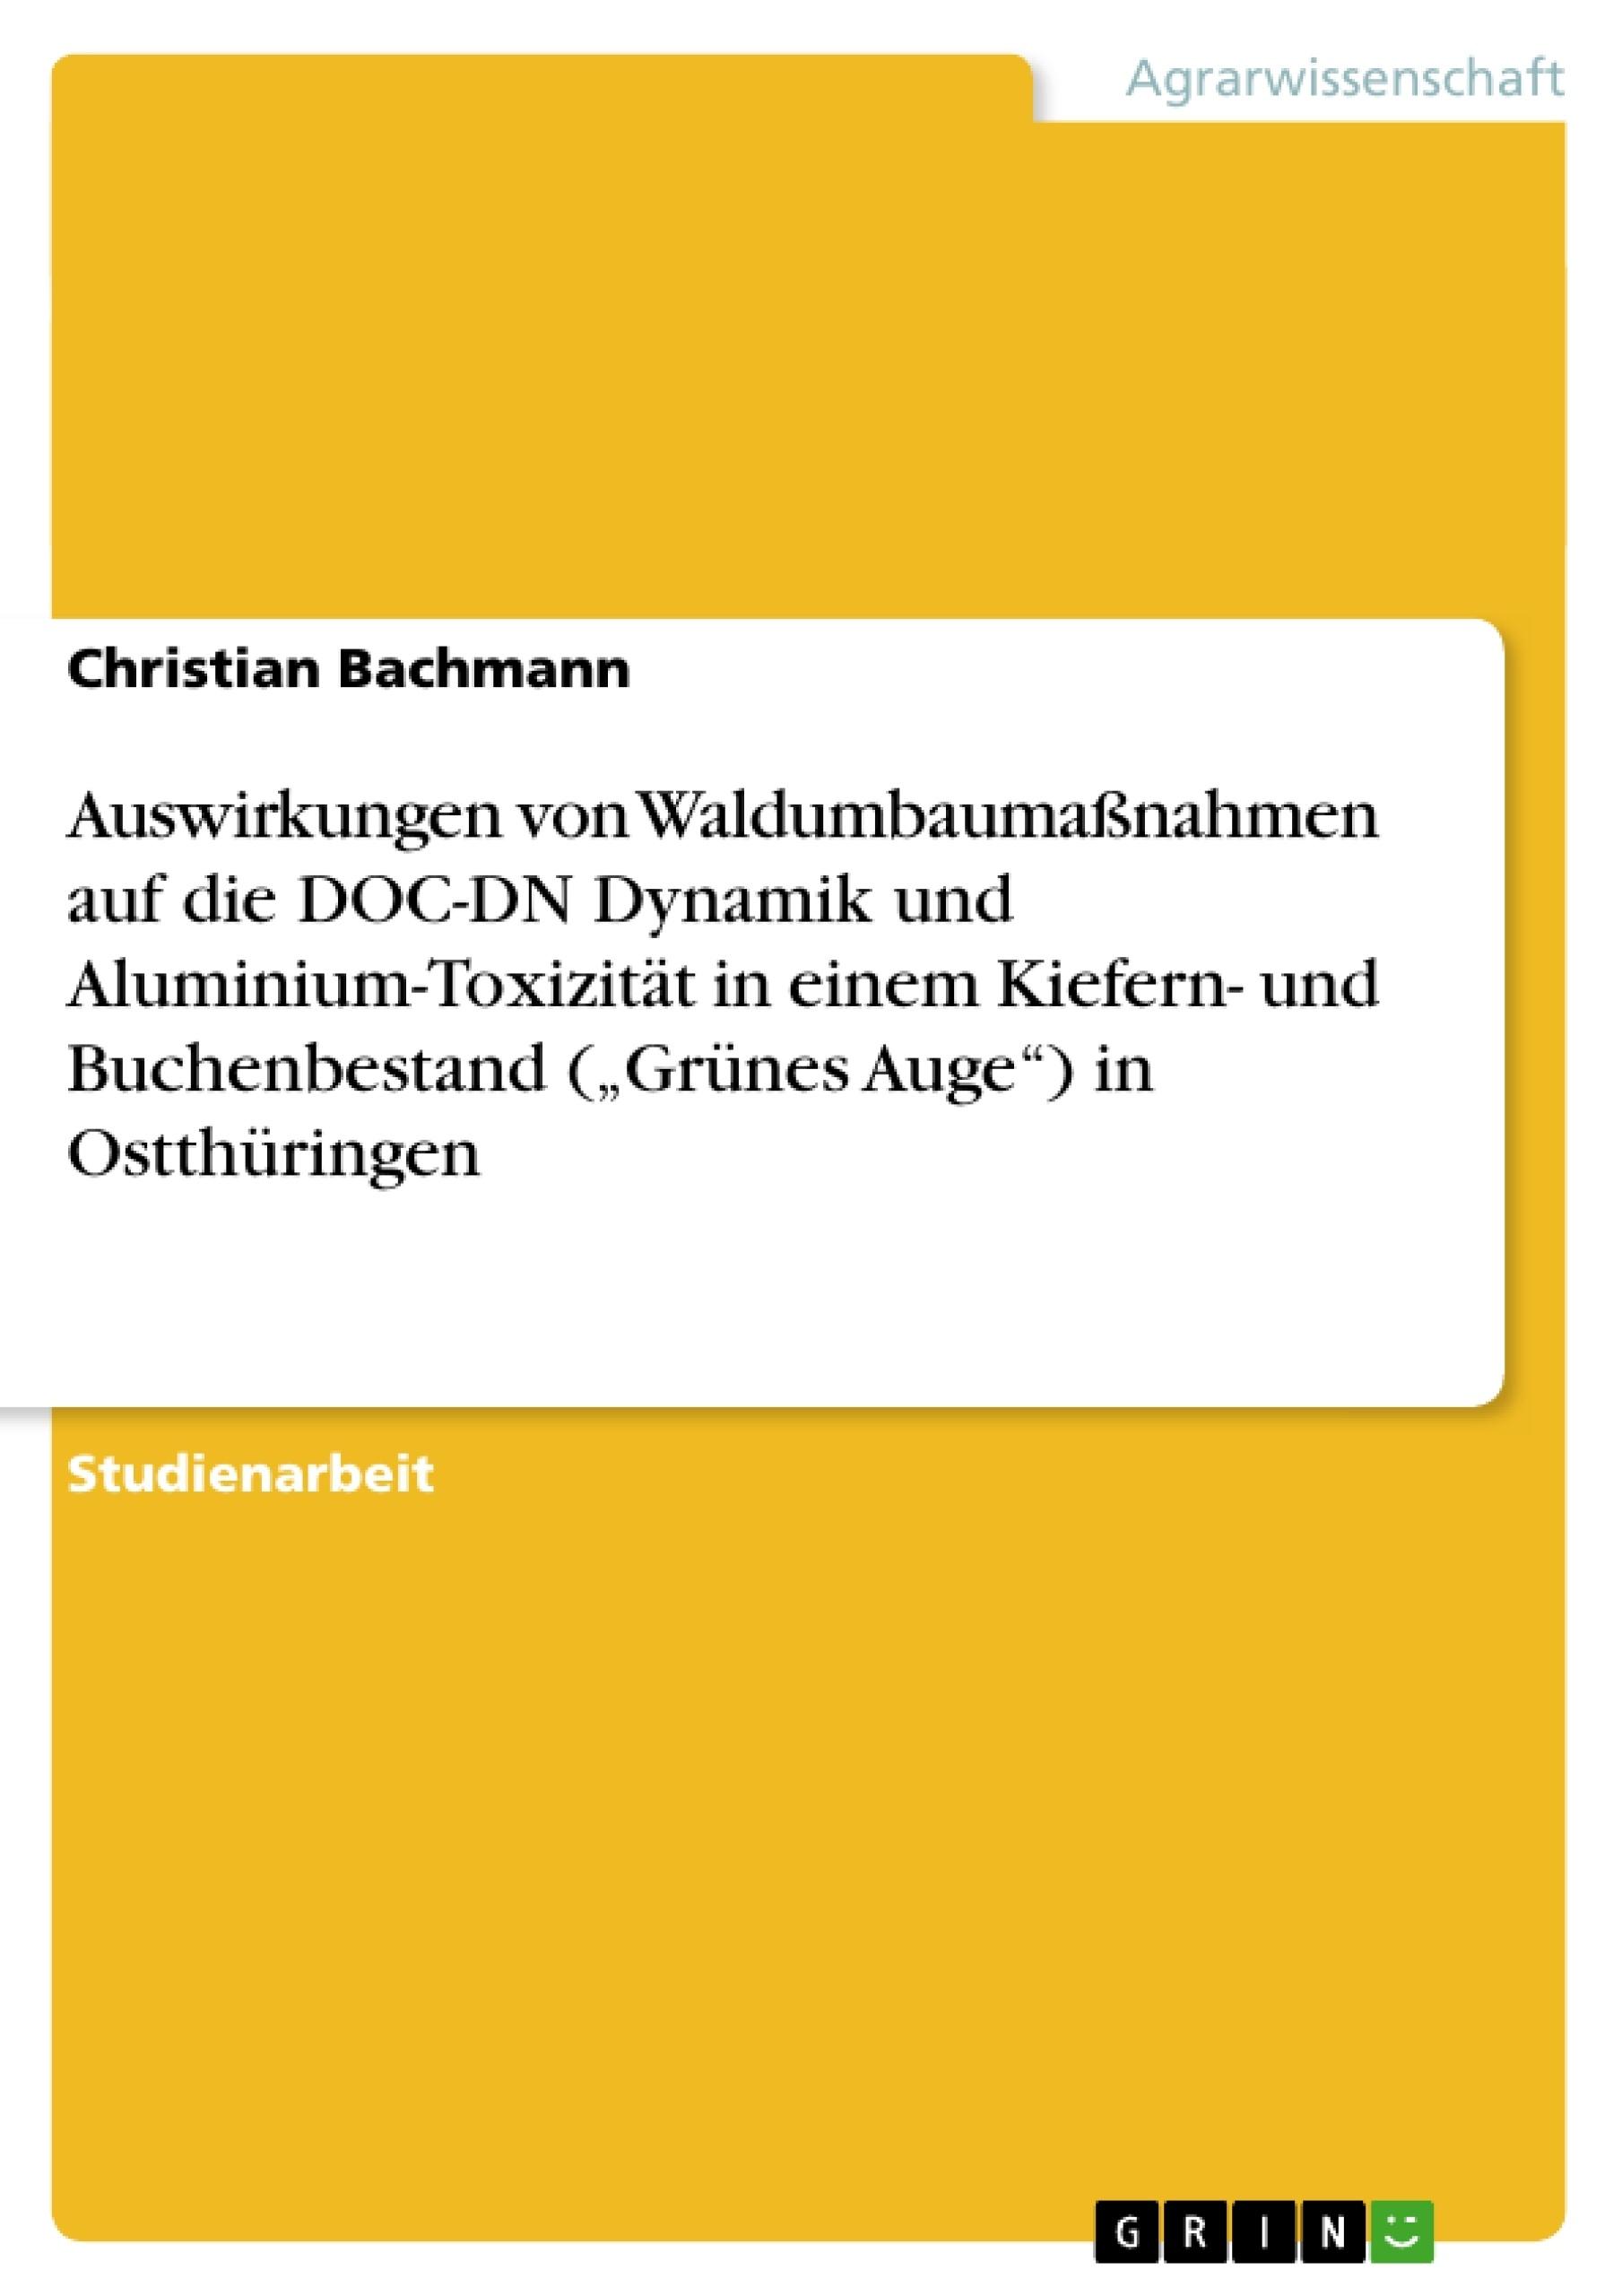 """Titel: Auswirkungen von Waldumbaumaßnahmen auf die DOC-DN Dynamik und Aluminium-Toxizität in einem Kiefern- und Buchenbestand (""""Grünes Auge"""") in Ostthüringen"""